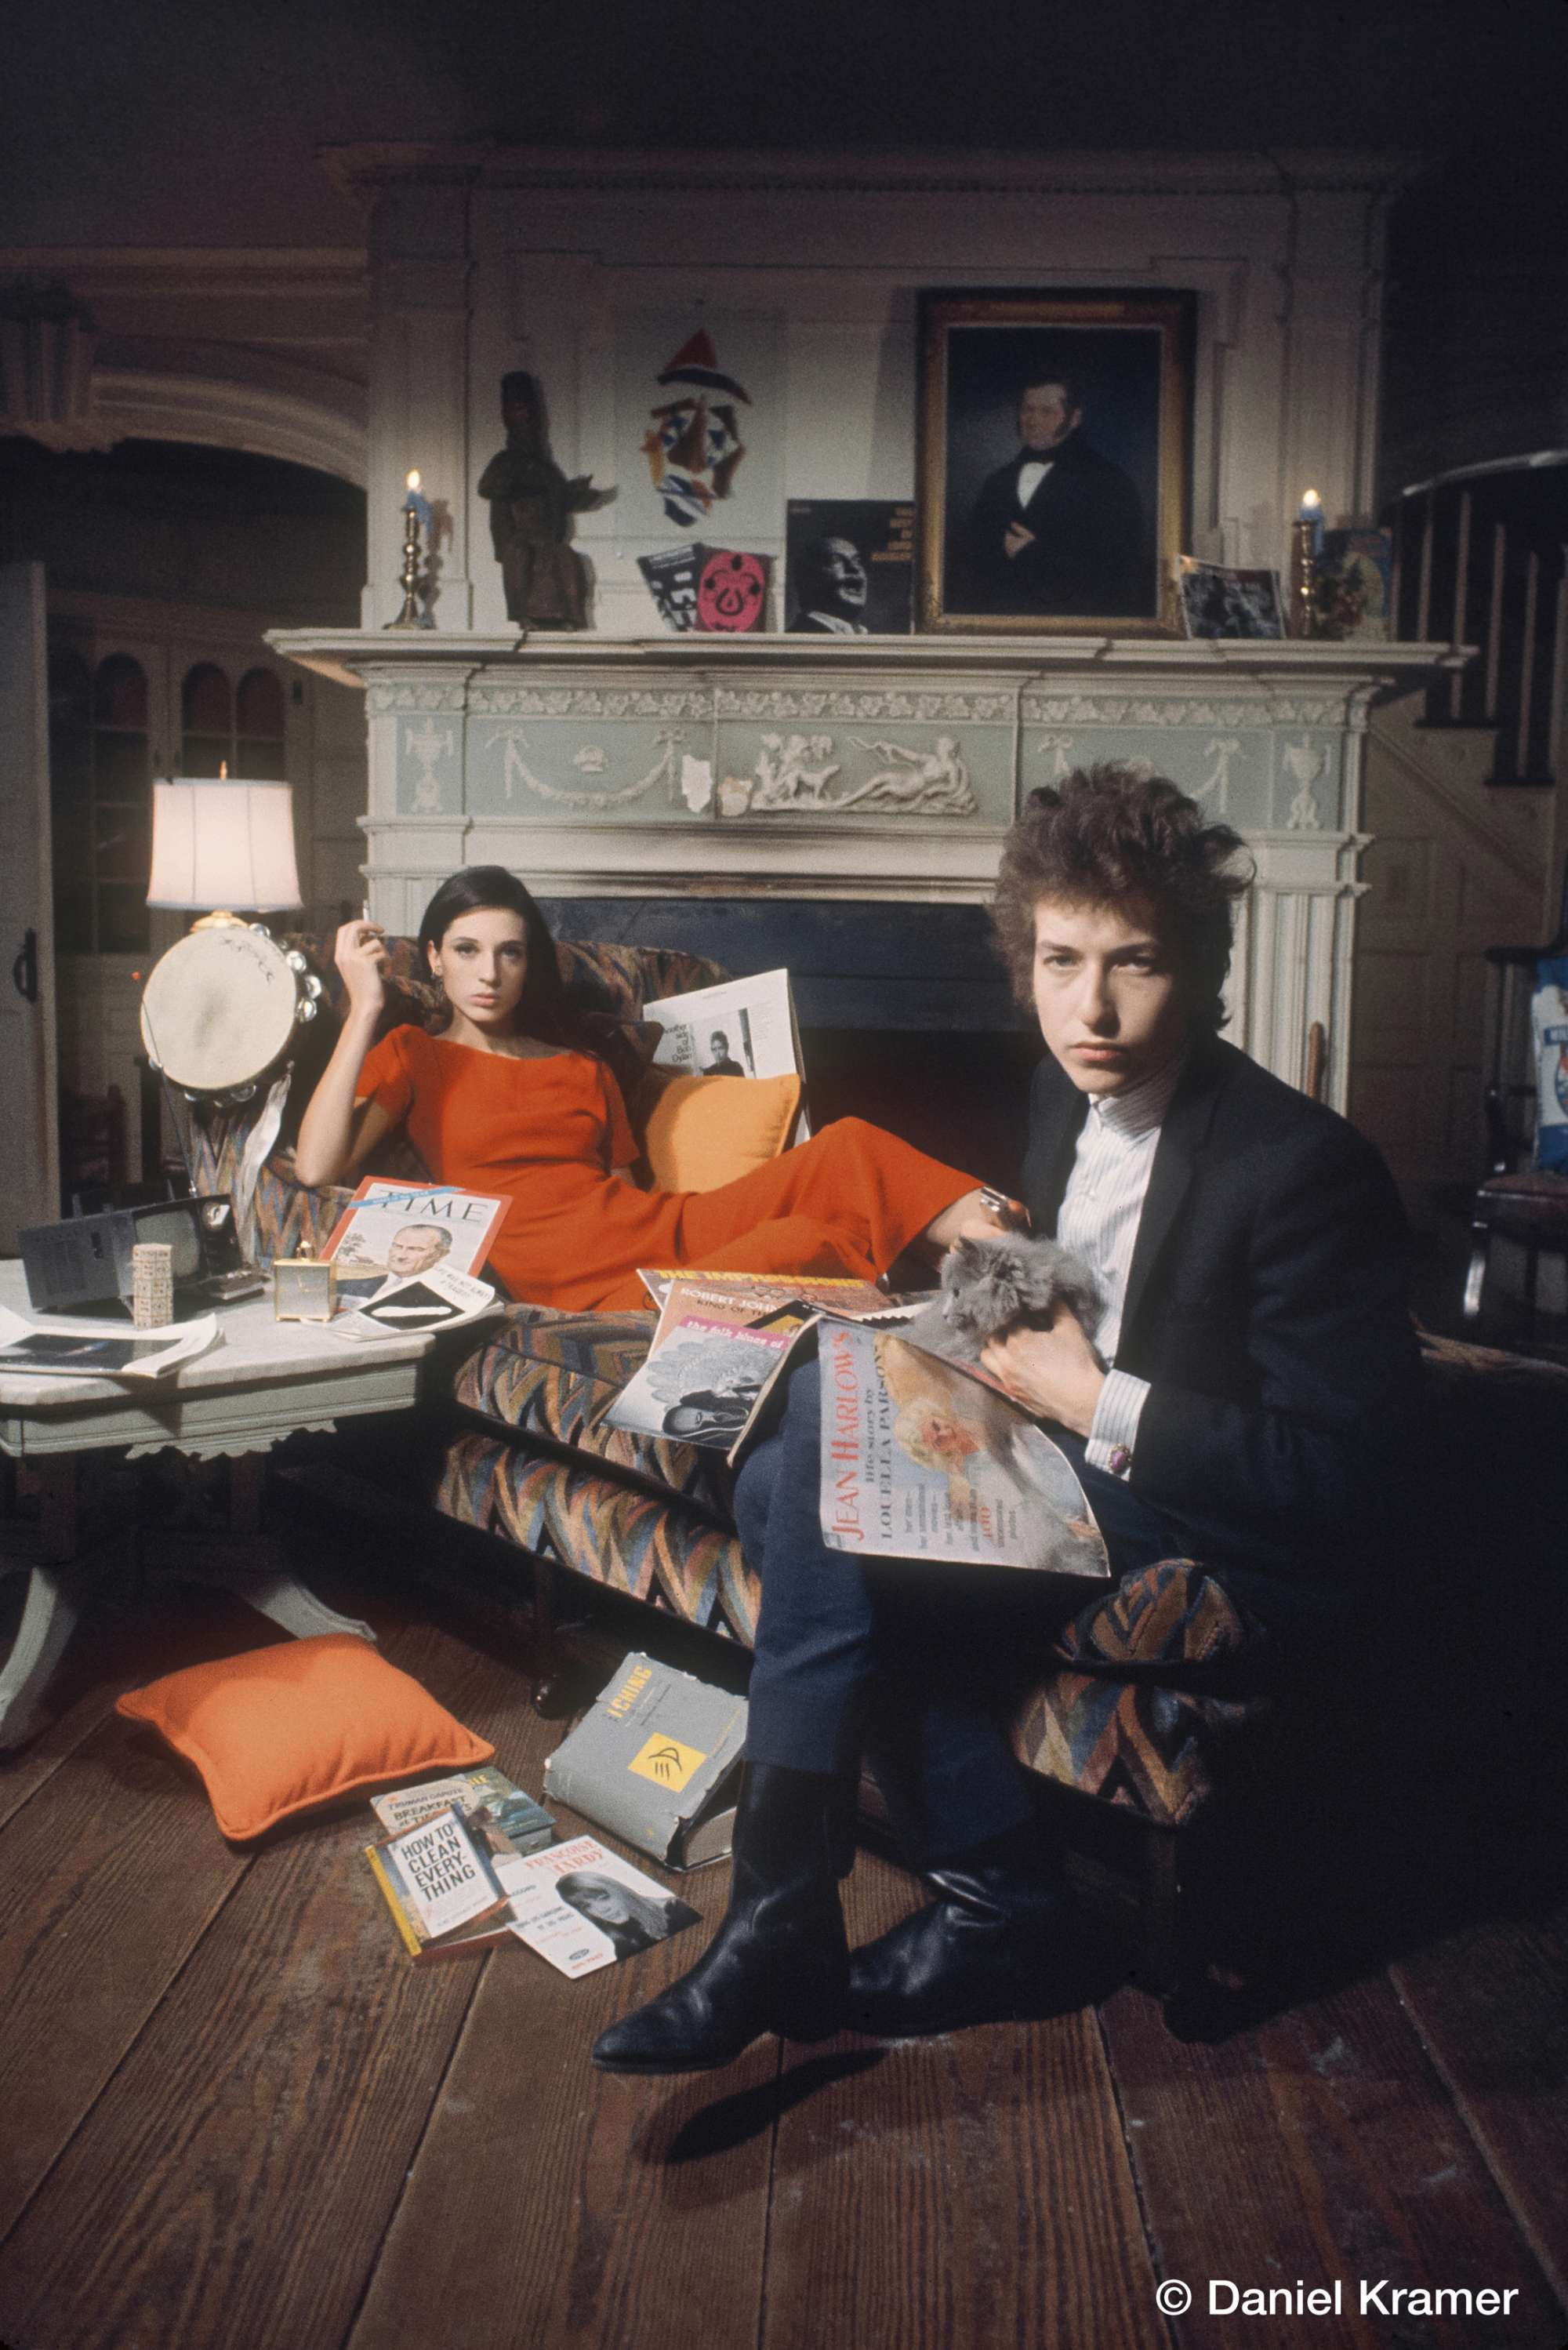 Ο Μπομπ Ντίλαν ποζάρει με την Σάλι Γκρόσμαν για το εξώφυλλο του άλμπουμ «Bringing It All Back Home», Ιανουάριο του 1965. Εικόνες από τα «παρασκήνια» -κατά τη διάρκεια των φωτογραφίσεων για τα εξώφυλλα των άλμπουμ που τράβηξε ο Κρέιμερ- βλέπουν για πρώτη φορά το φως της δημοσιότητας